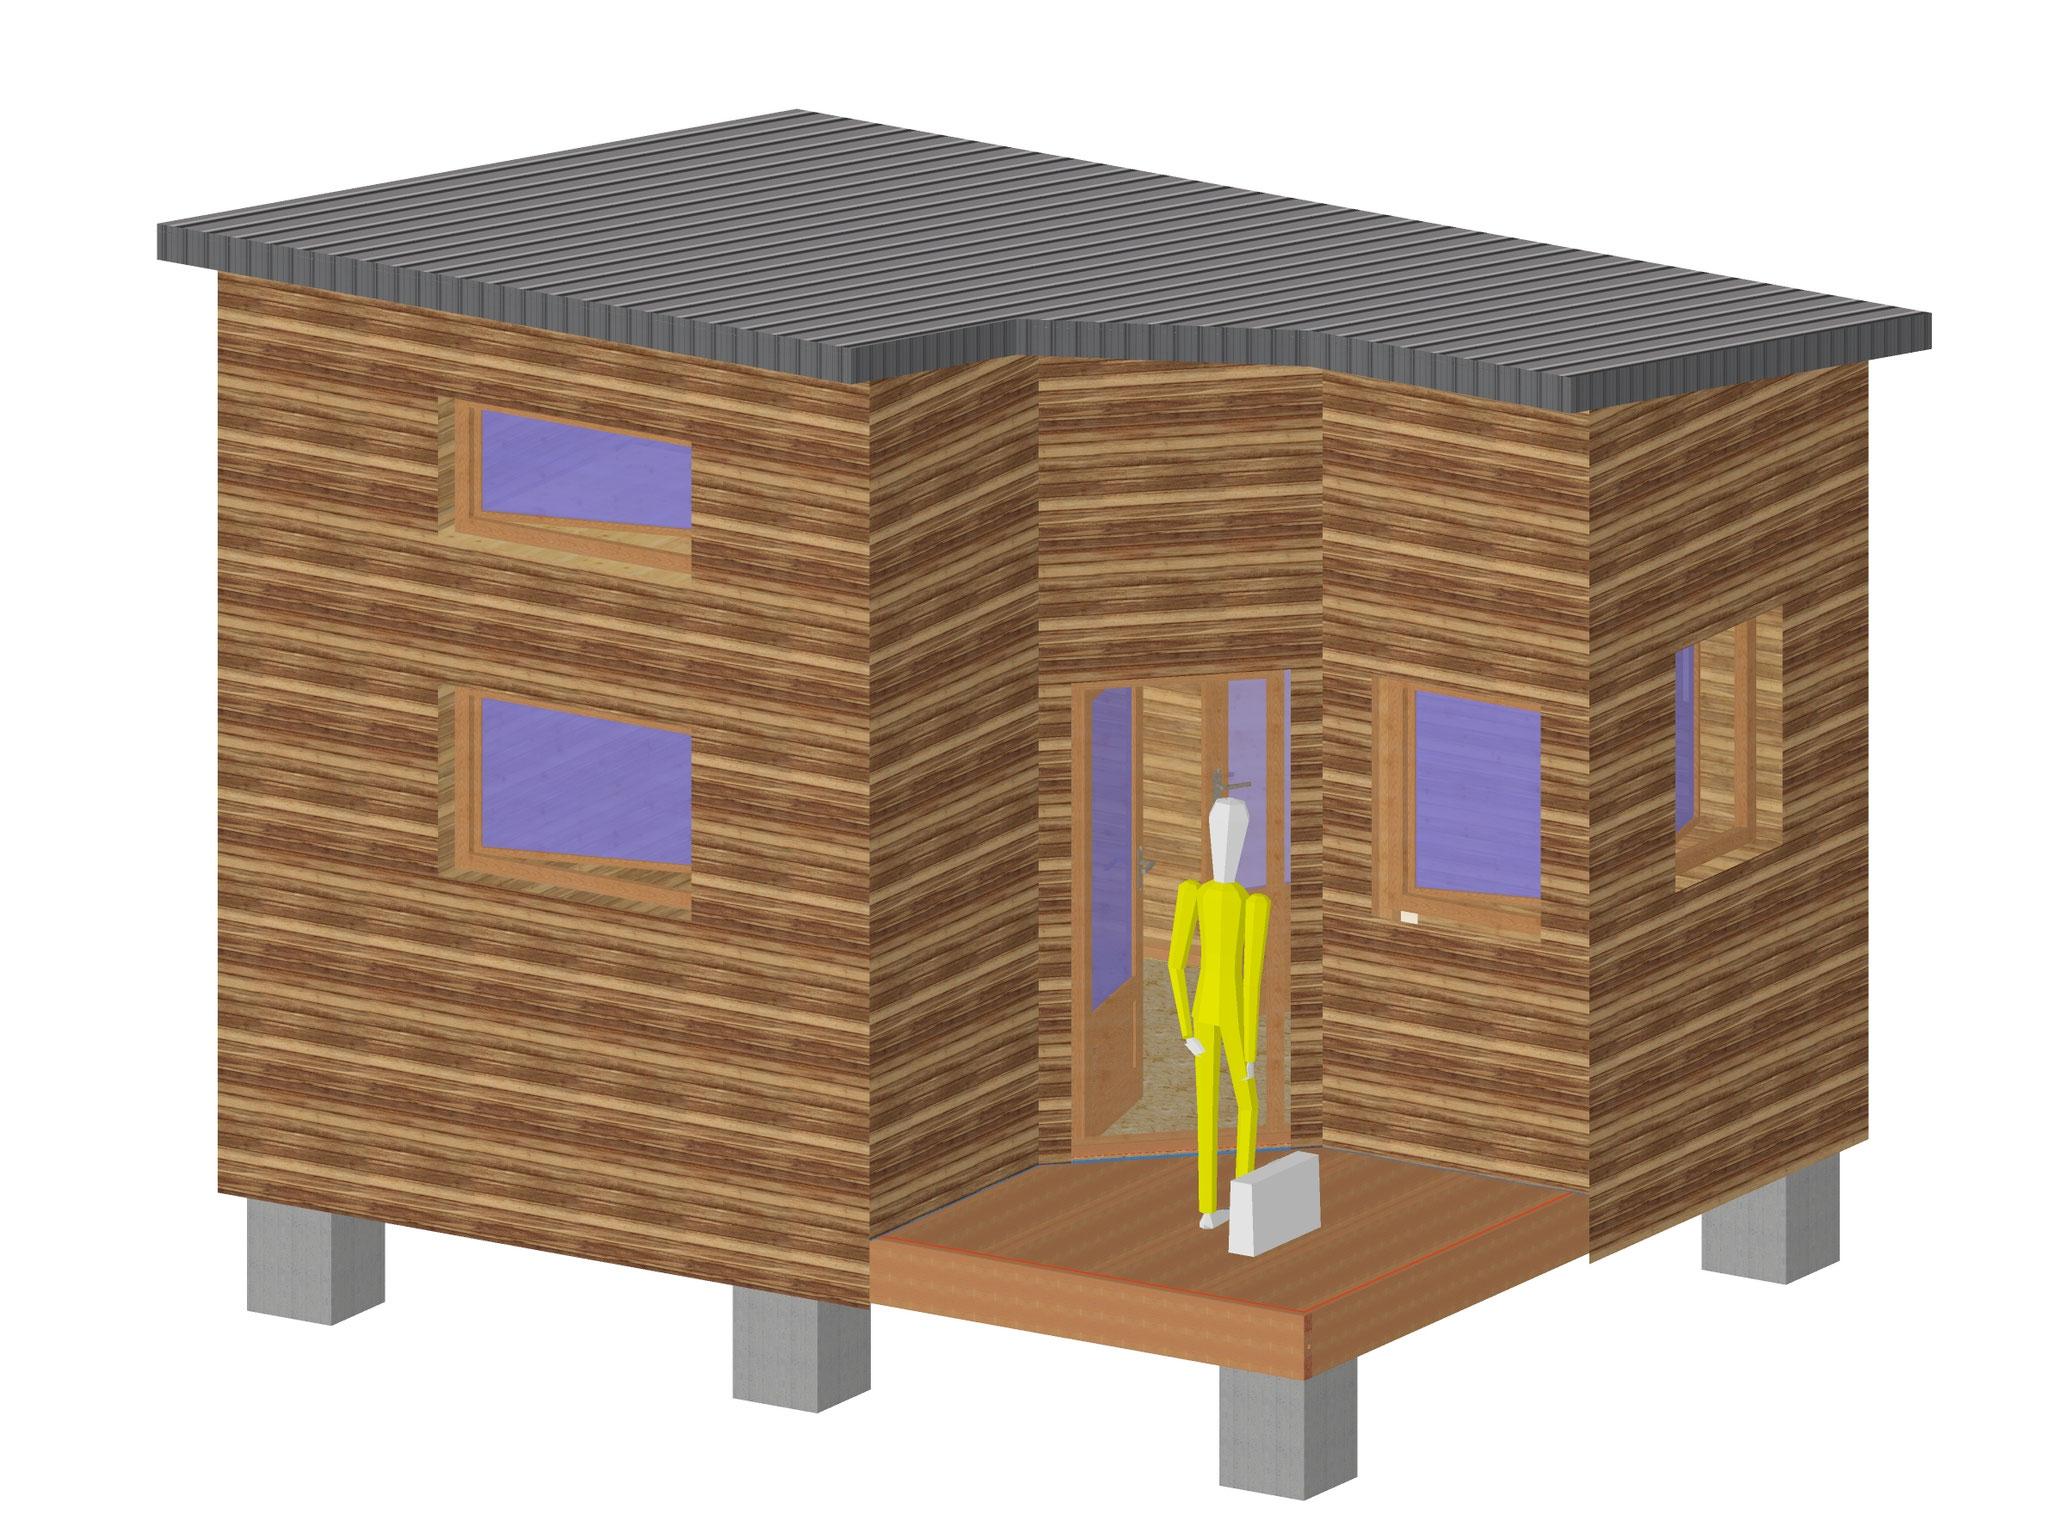 Cabane pour des espaces pro ou perso...